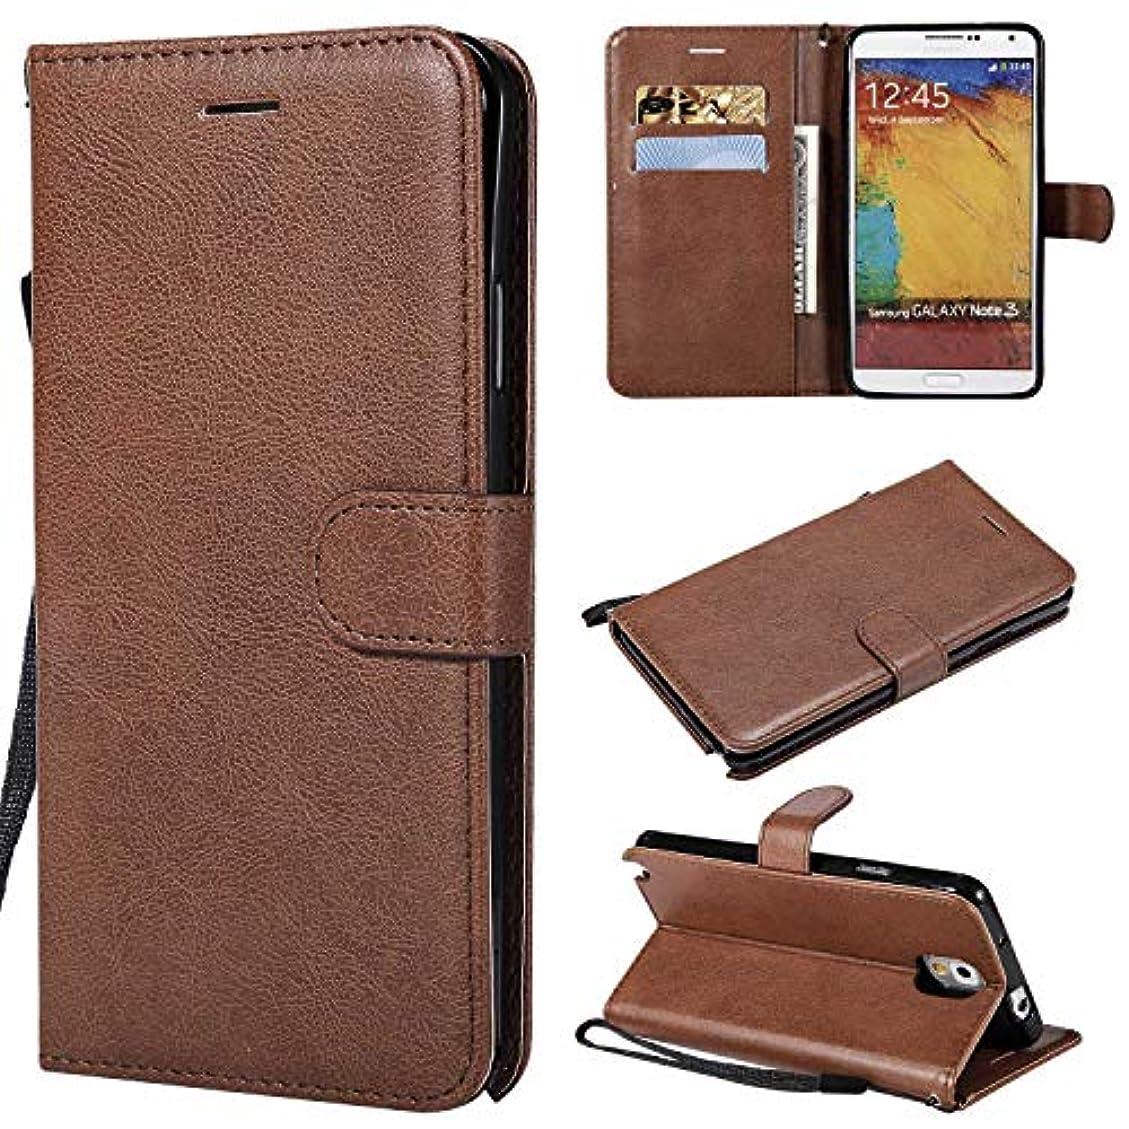 ばかげた付き添い人素朴なGalaxy Note 3 ケース手帳型 OMATENTI レザー 革 薄型 手帳型カバー カード入れ スタンド機能 サムスン Galaxy Note 3 おしゃれ 手帳ケース (1-ブラウン)